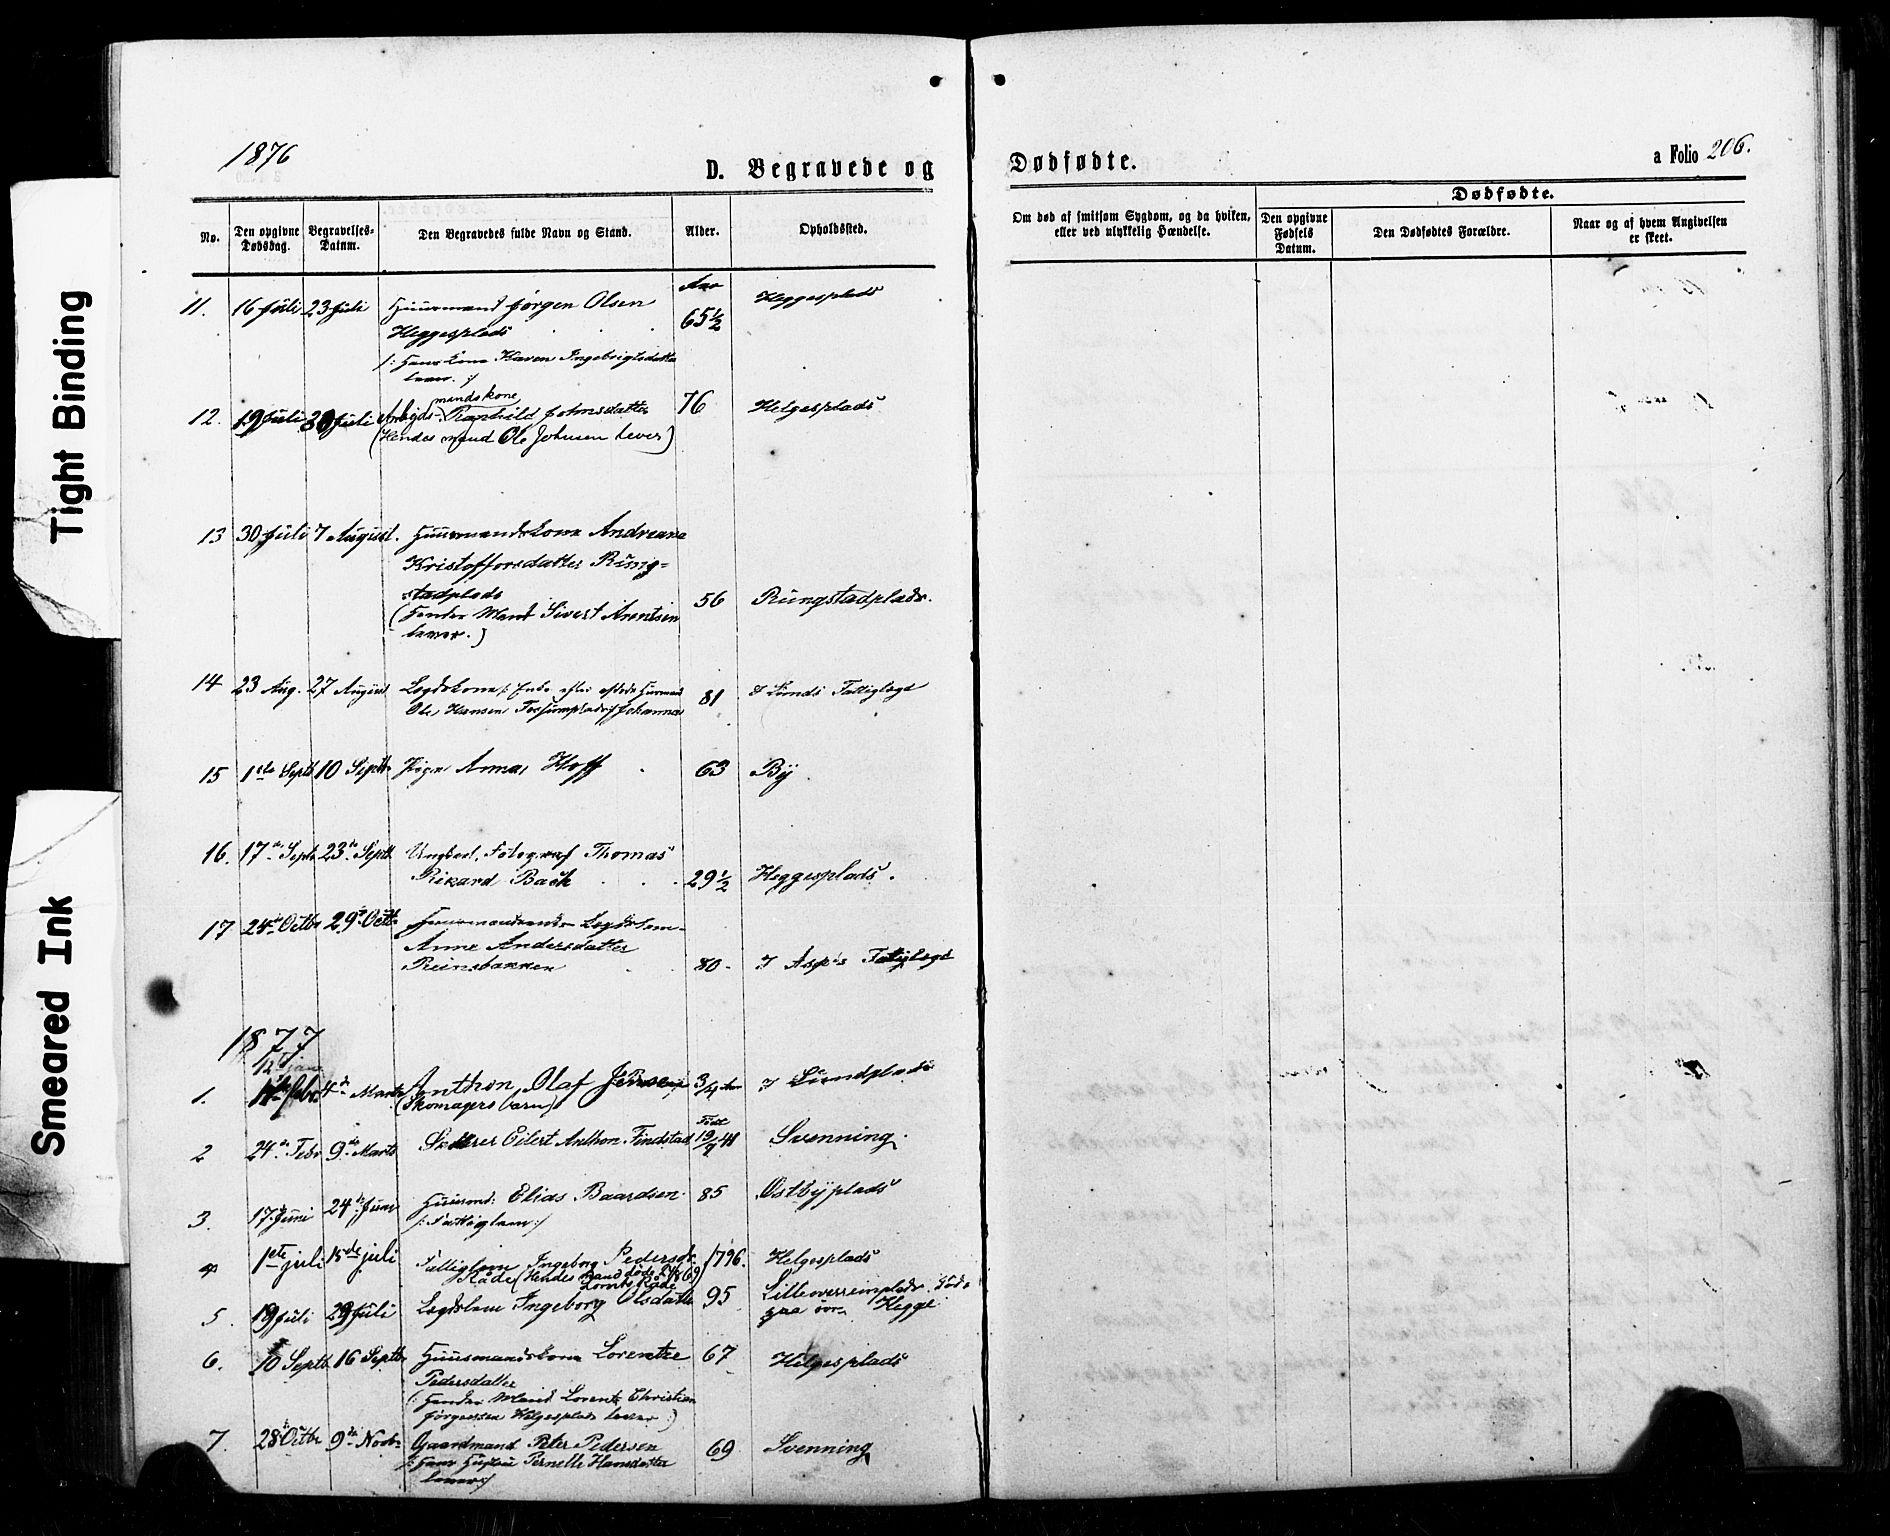 SAT, Ministerialprotokoller, klokkerbøker og fødselsregistre - Nord-Trøndelag, 740/L0380: Klokkerbok nr. 740C01, 1868-1902, s. 206